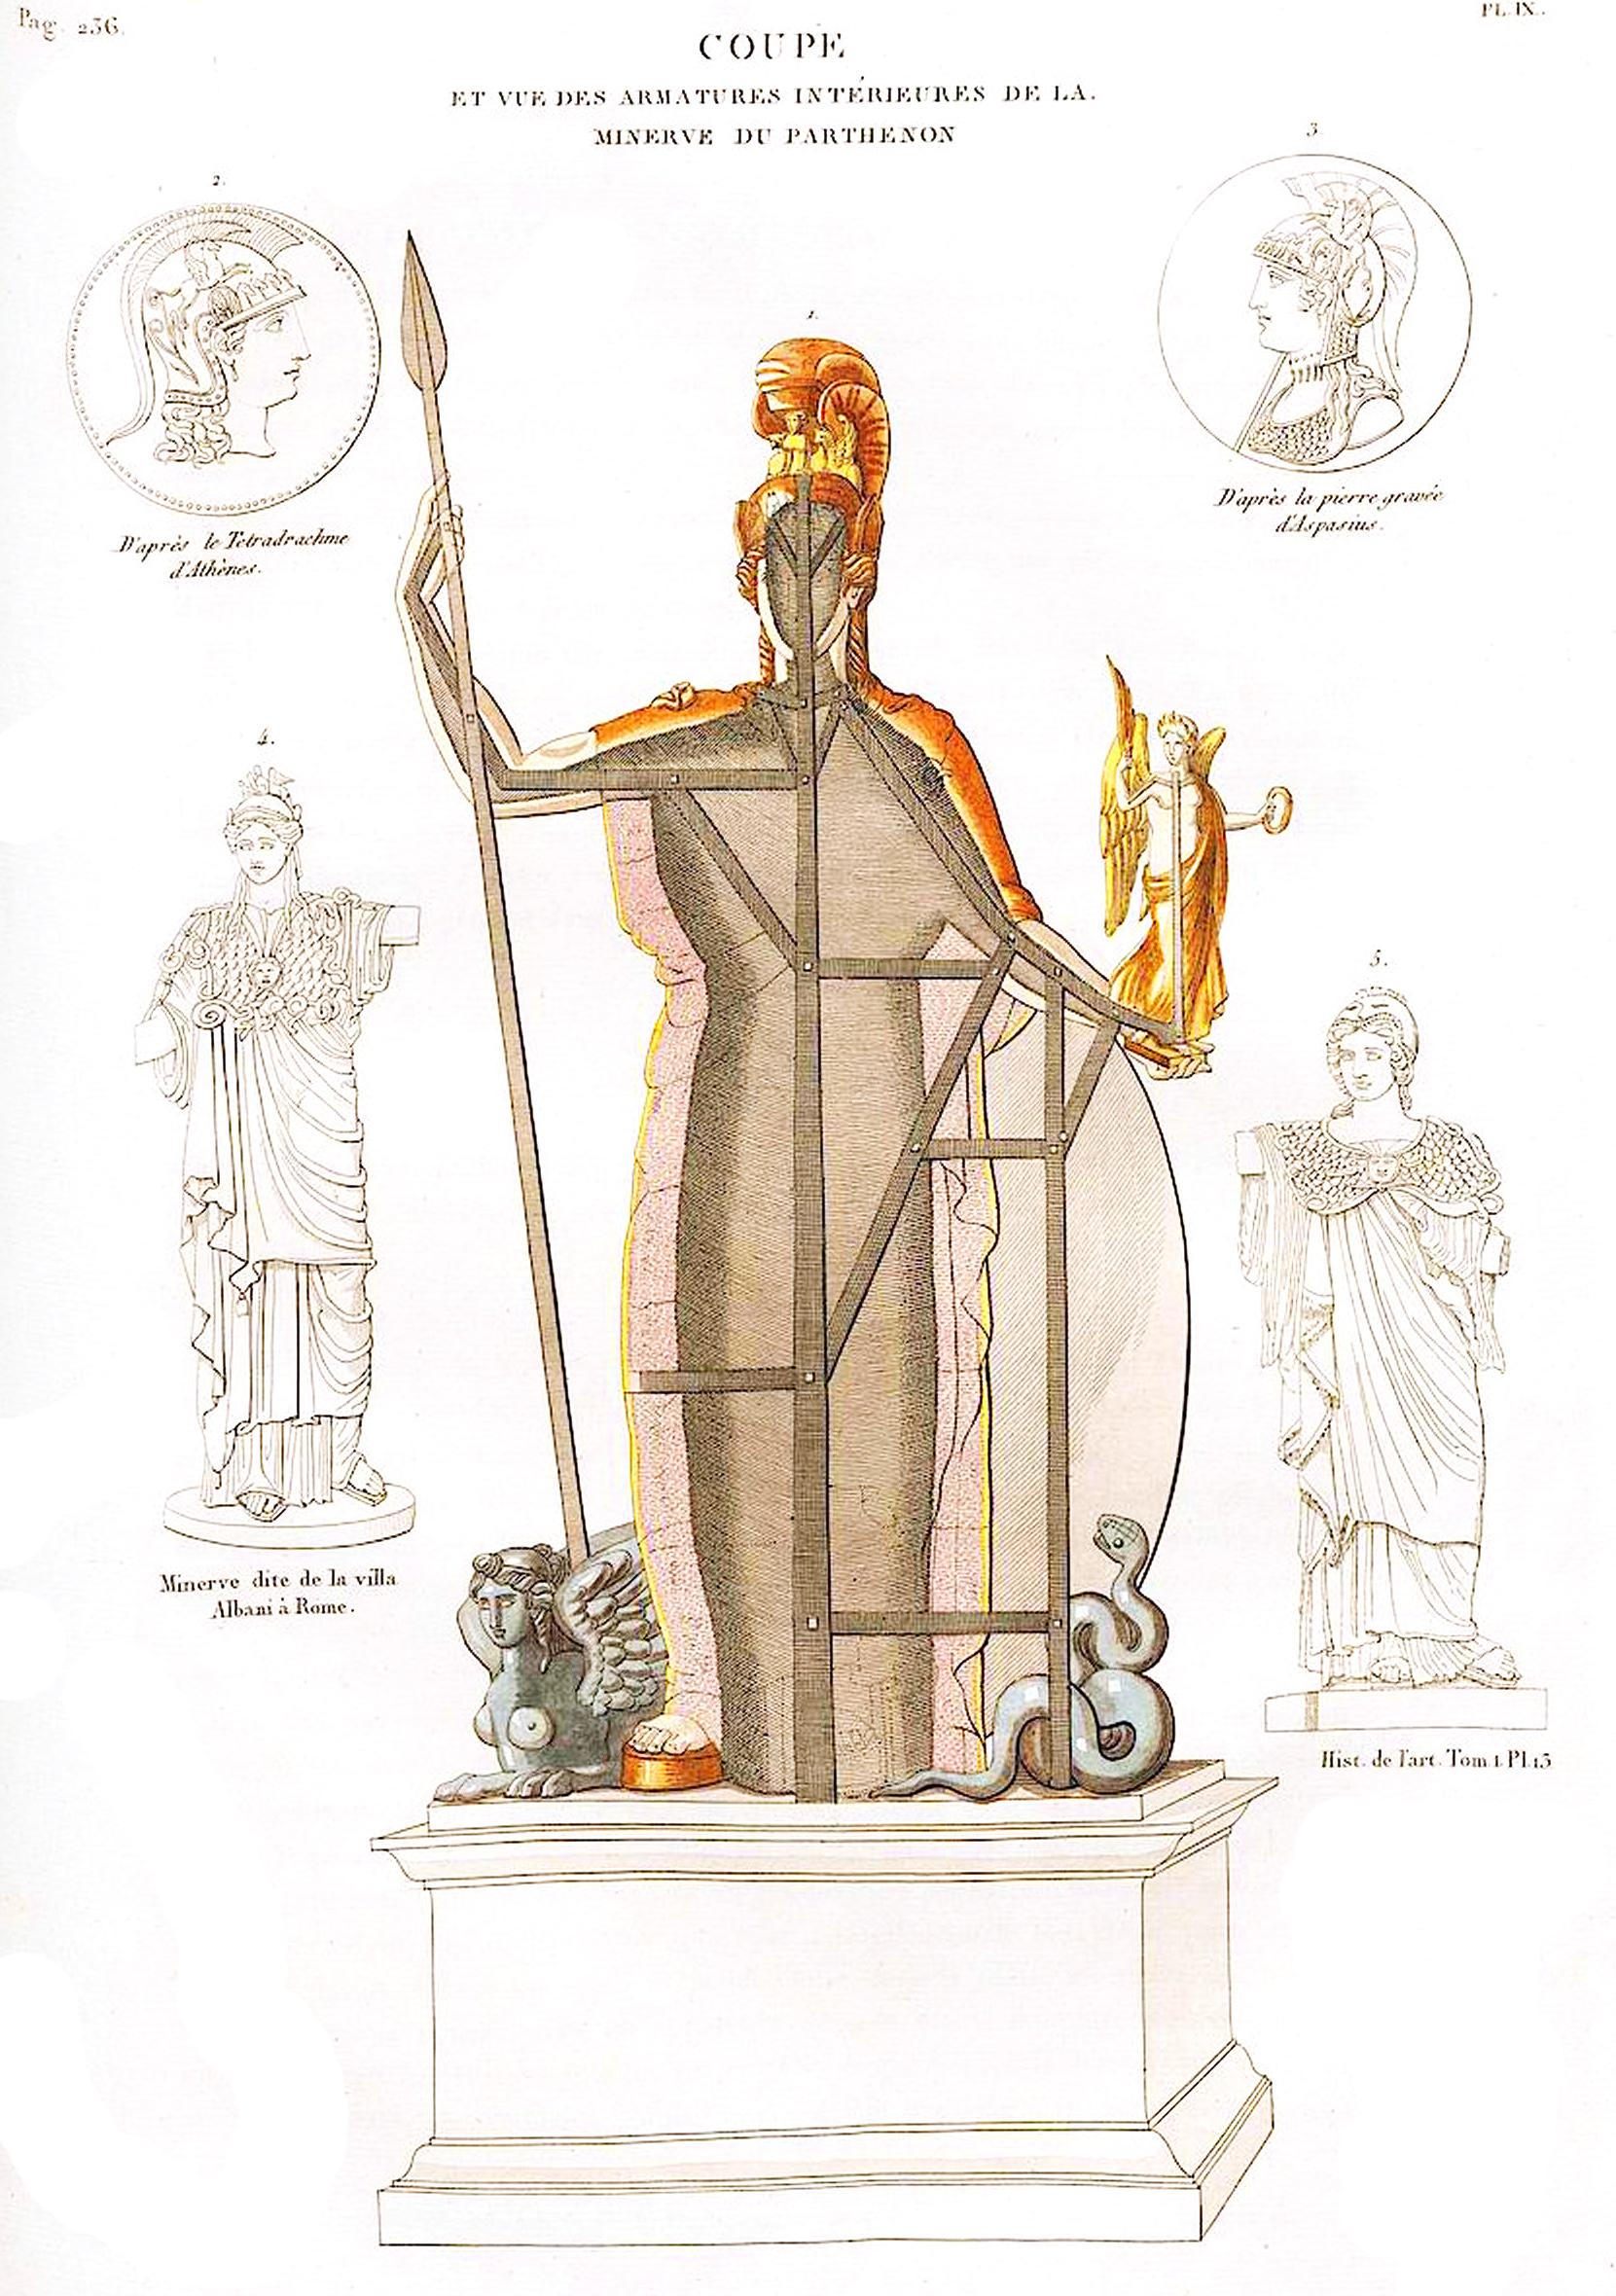 9. Внутренности Минервы в Парфеноне Coupe et vue des armatures interieurcs de la Minerve du Parthenon